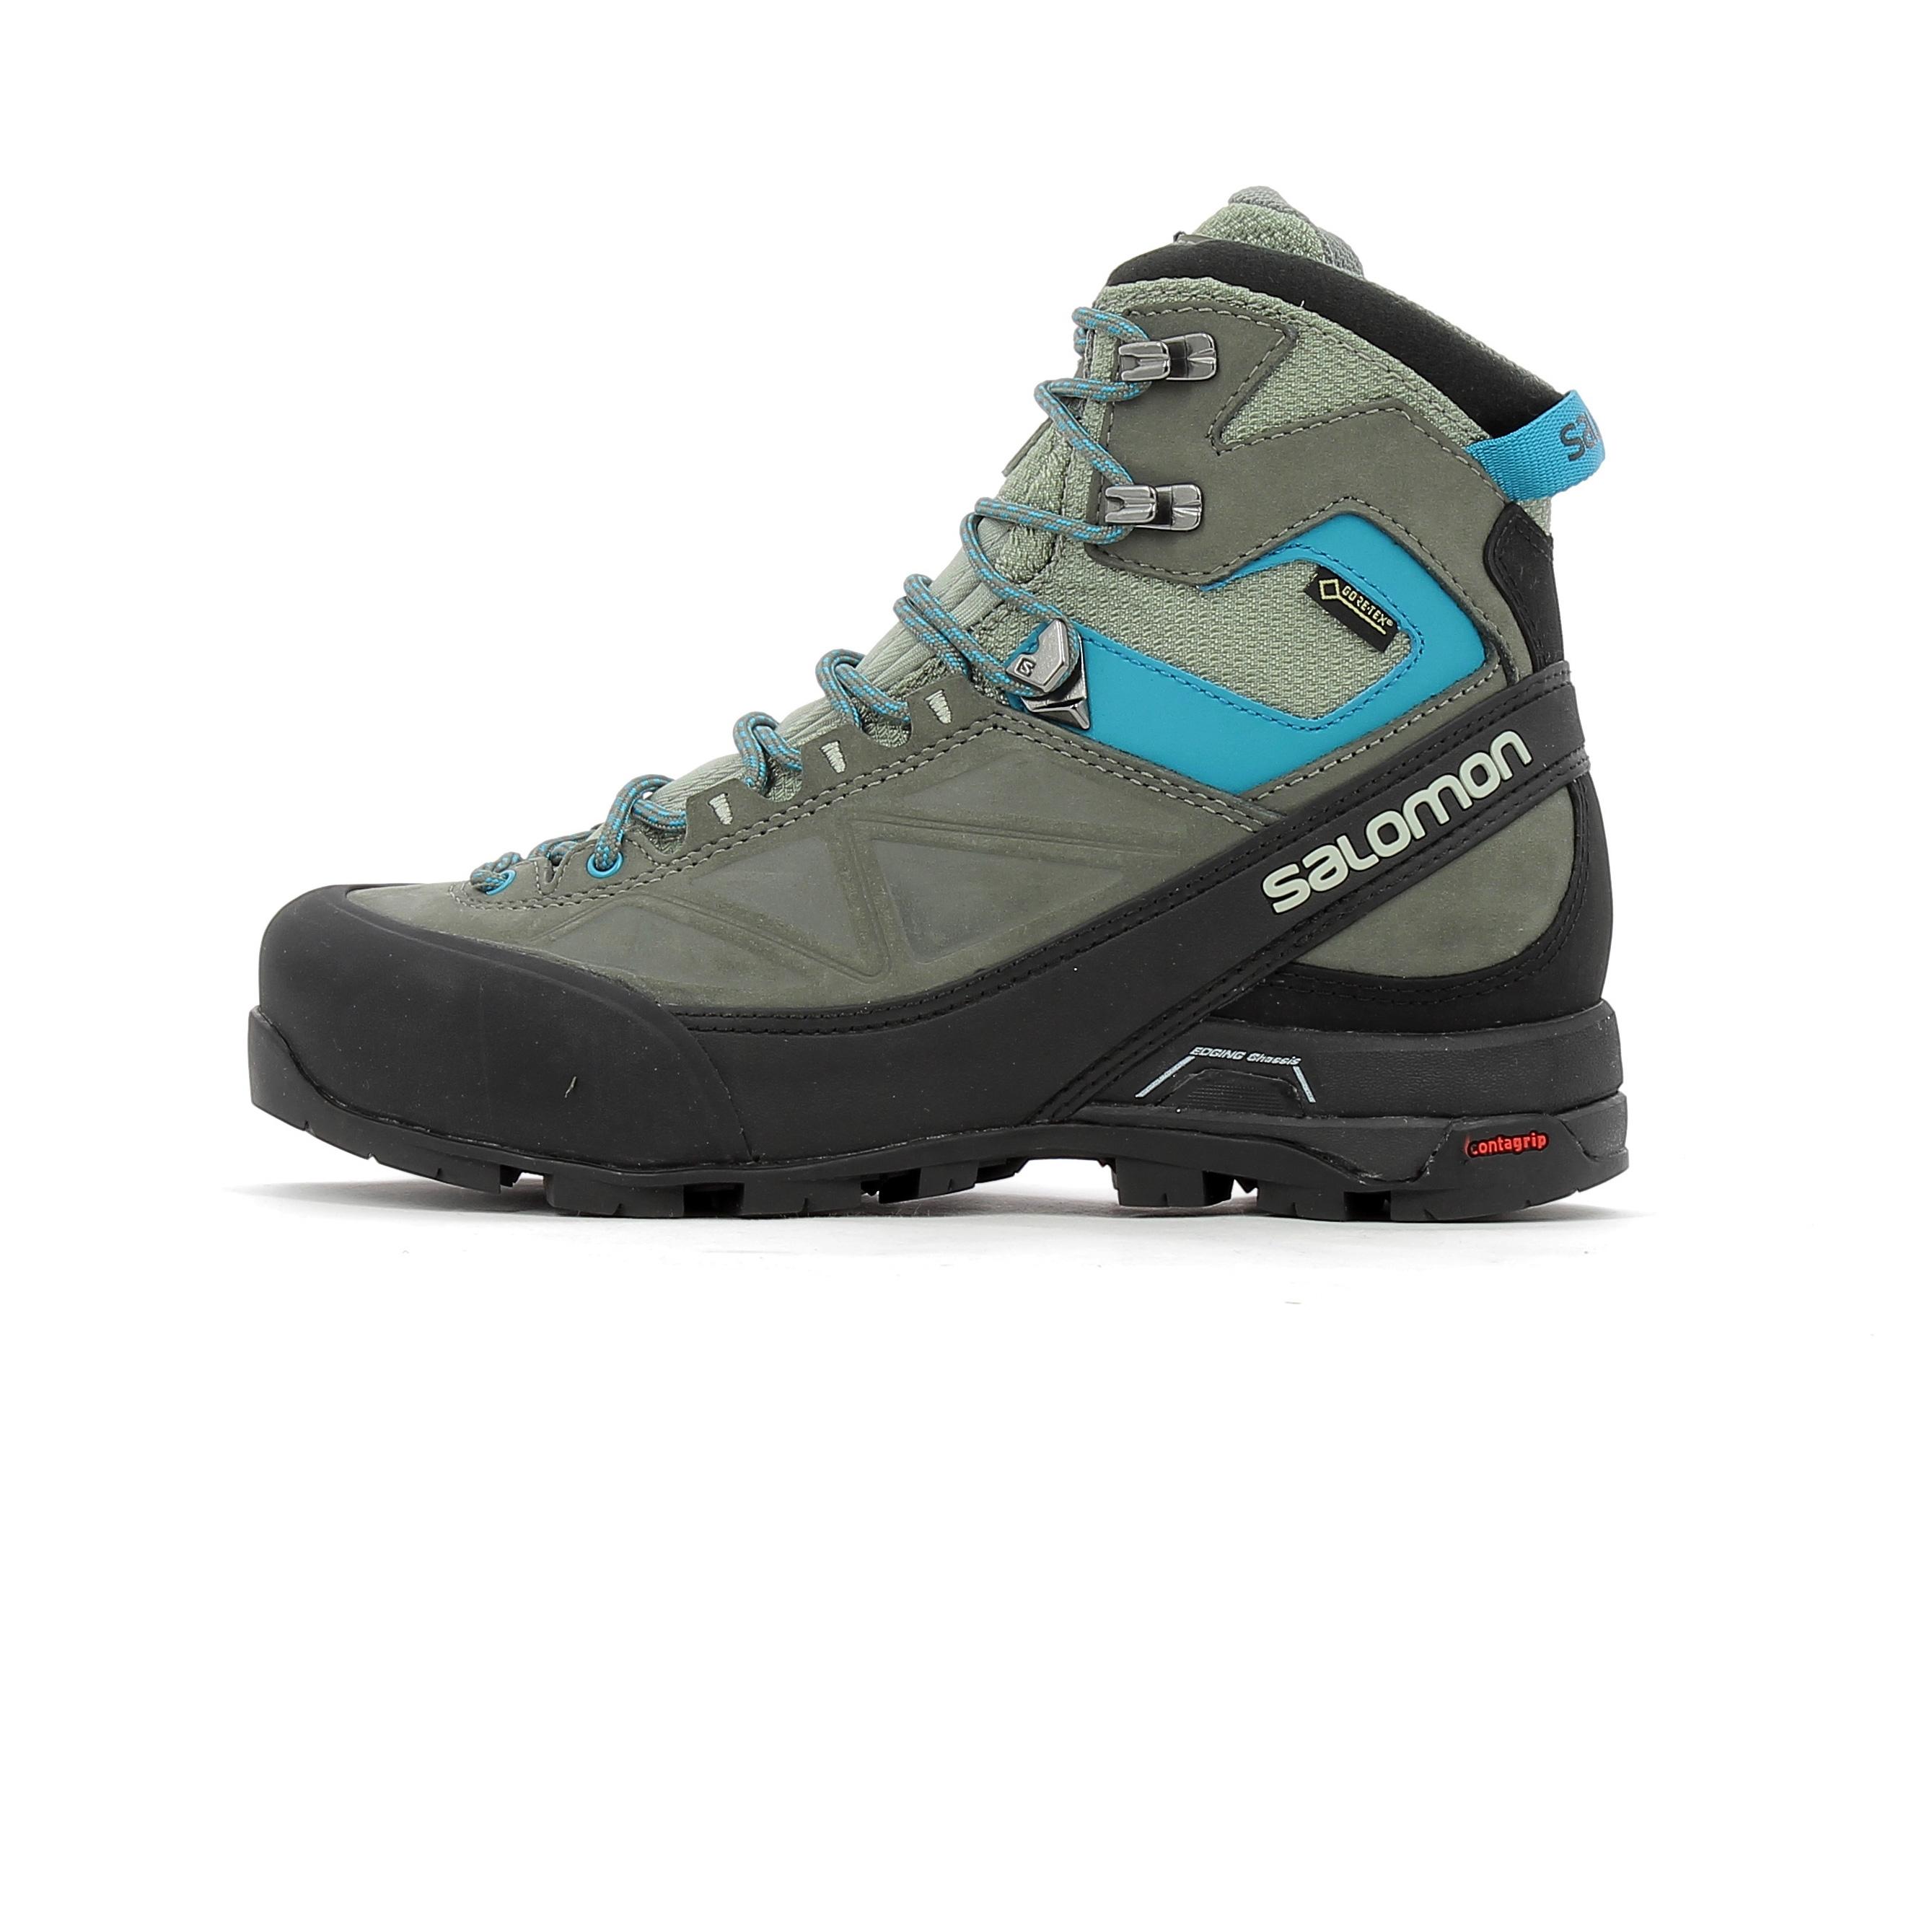 4dc23dbd4e5 Chaussure de randonnée en cuir Salomon X ALP MNT Gore-Tex W ...